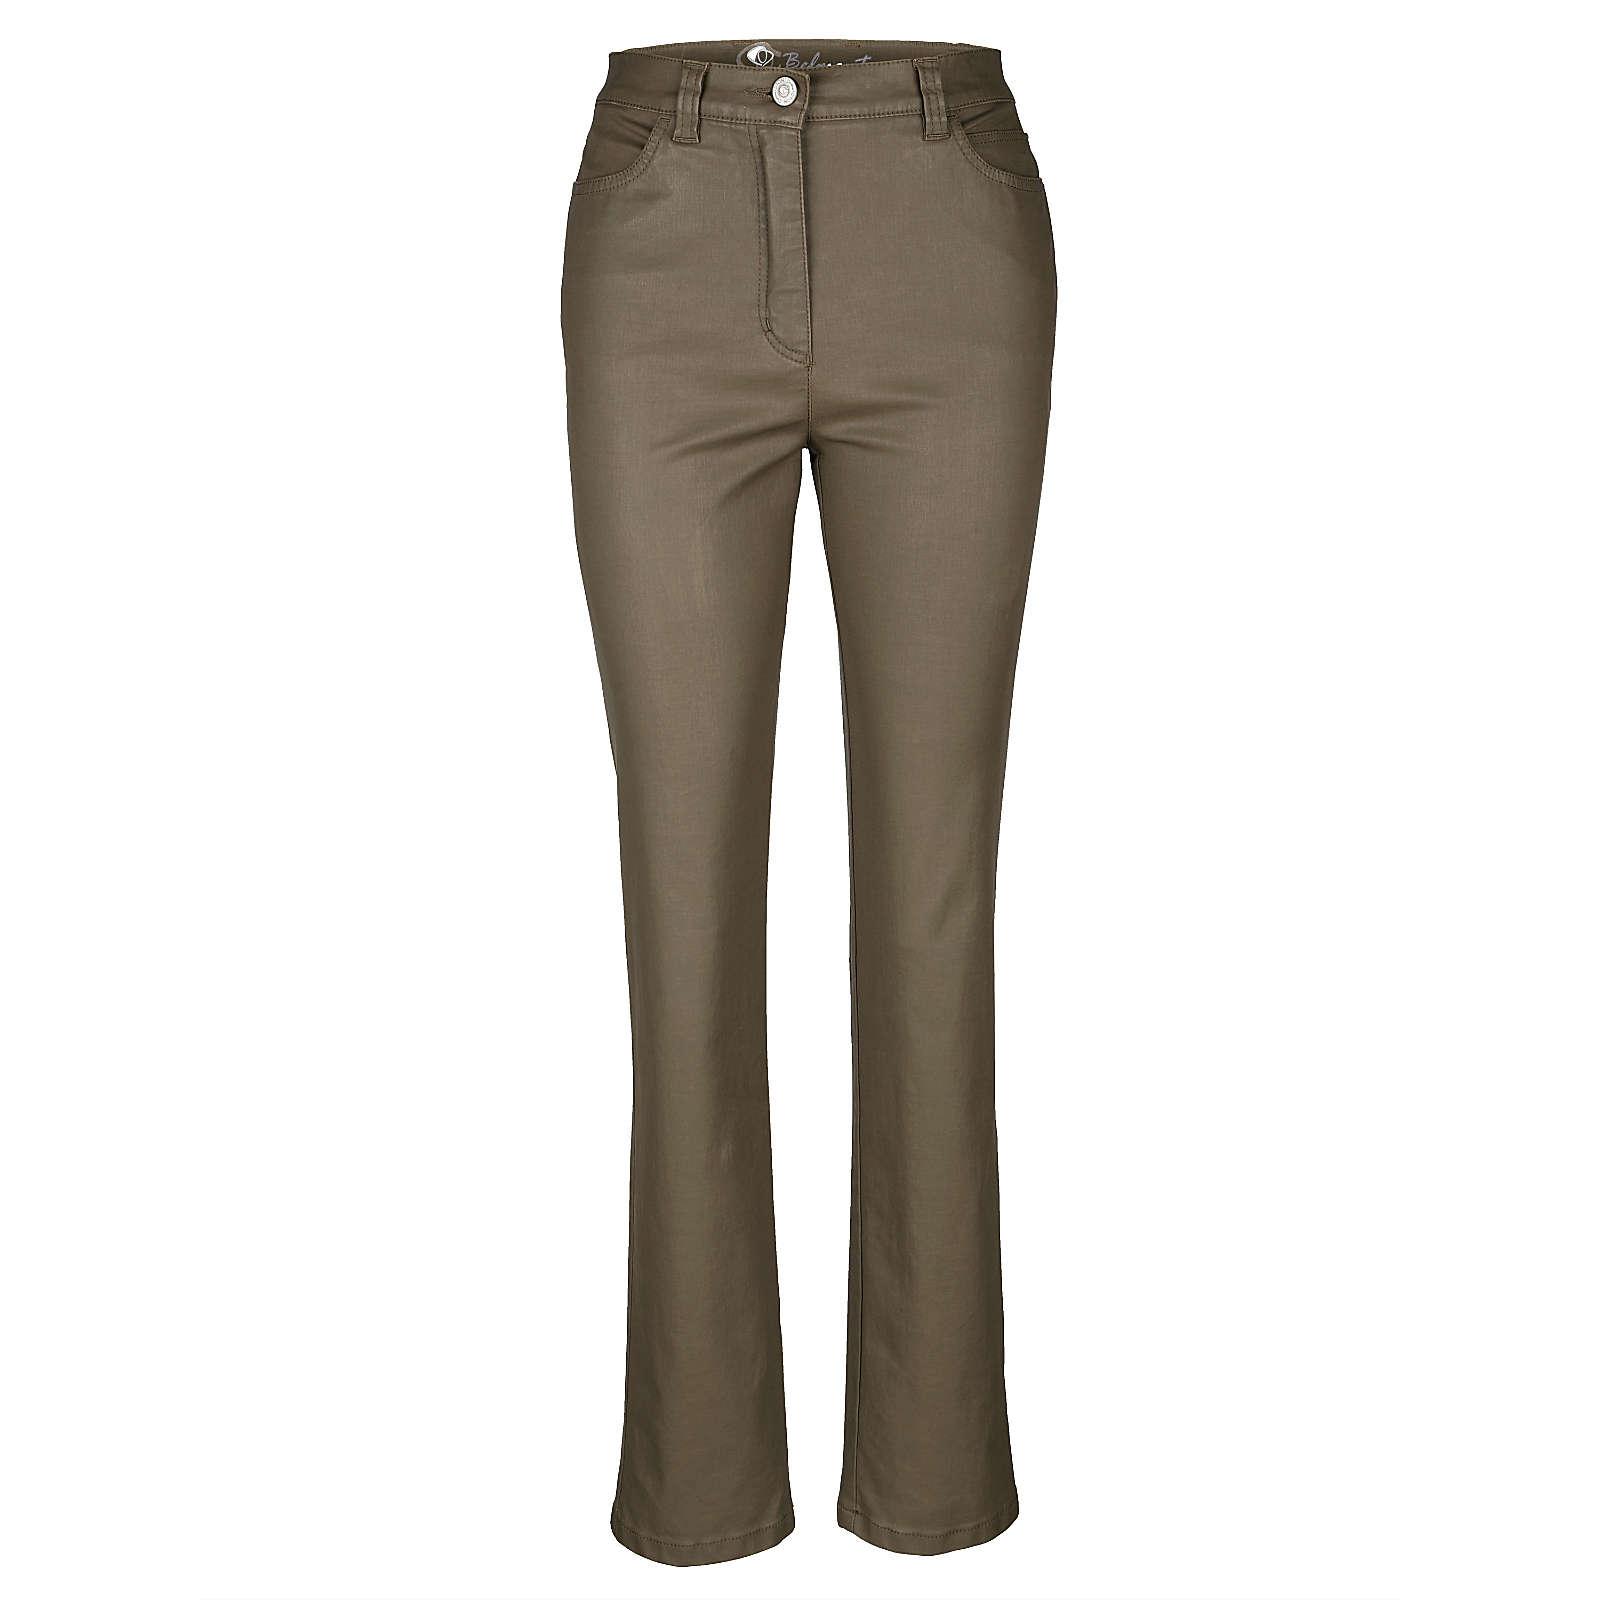 TONI 5-Pocket-Hose khaki Damen Gr. 20